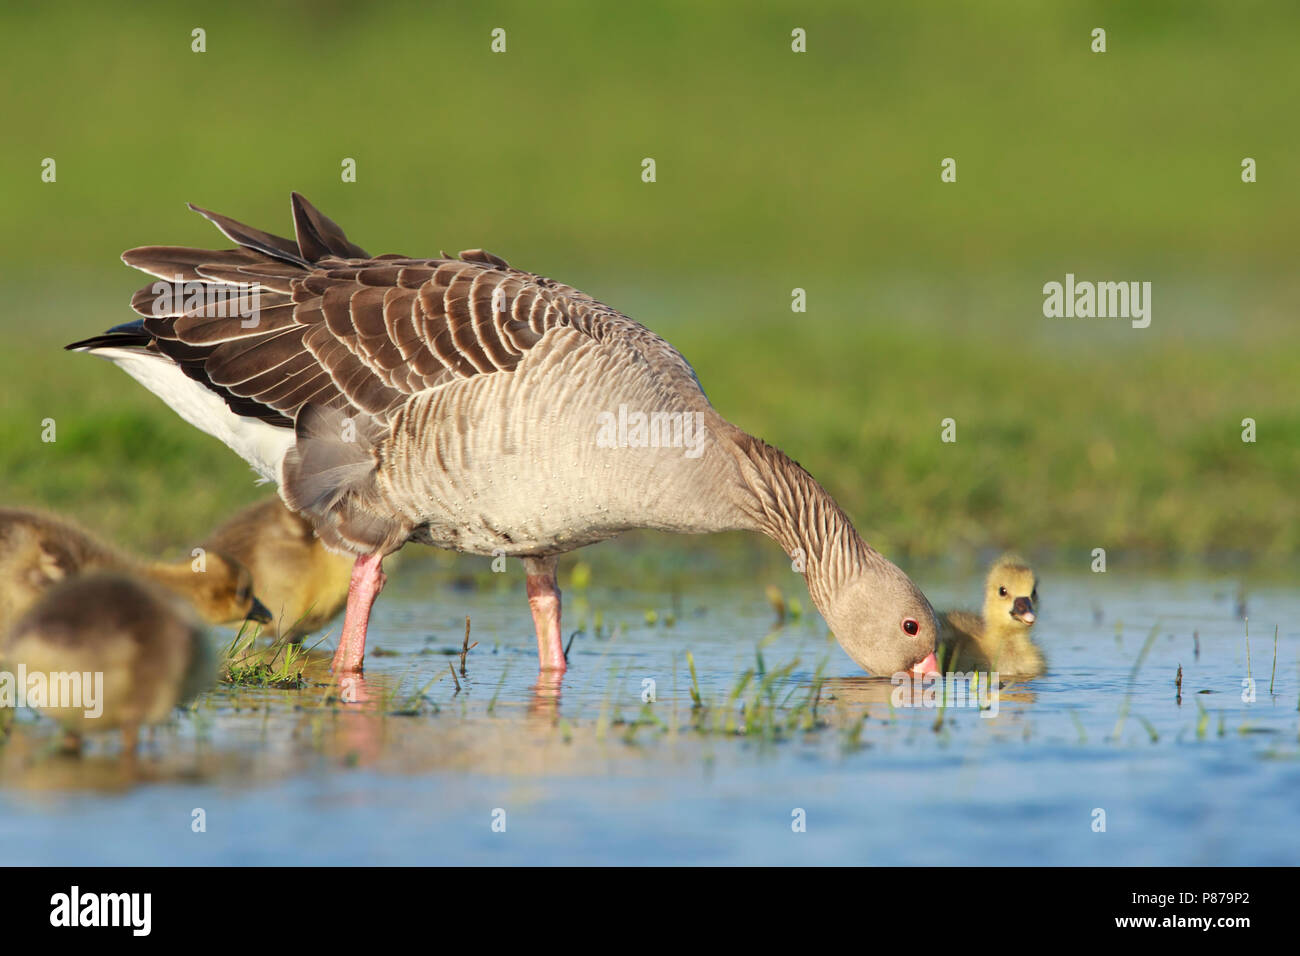 Grauwe Gans met jongen, Grey-lag Goose with chicks Stock Photo